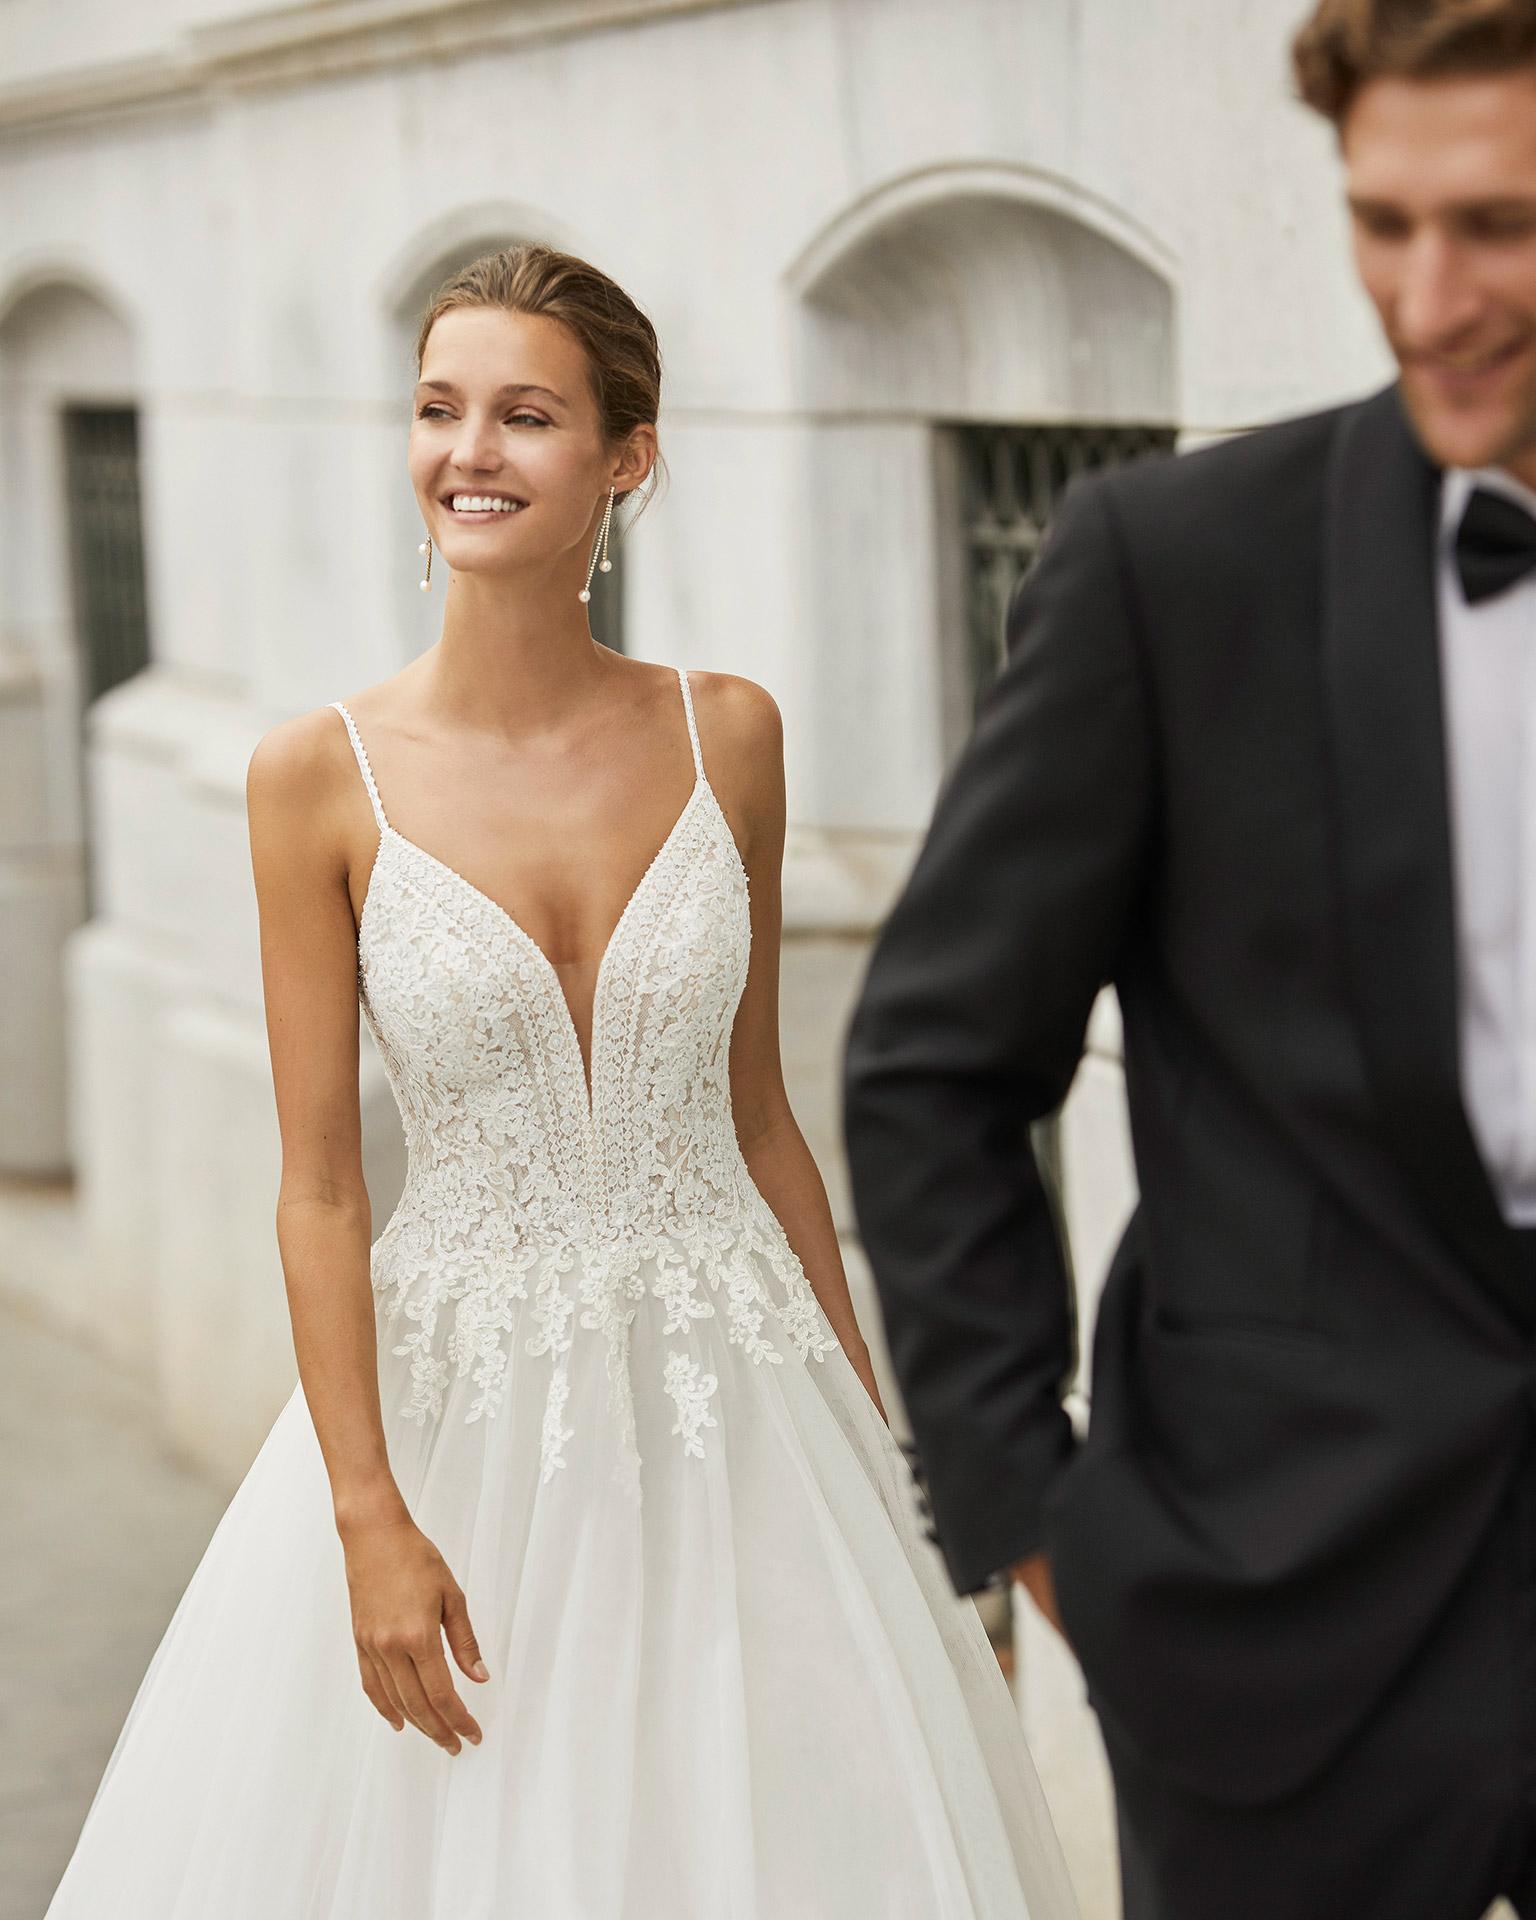 Vestido de novia de estilo elegante, tul, encaje y pedrería. Escote deep plunge y espalda en V. Colección  2022.